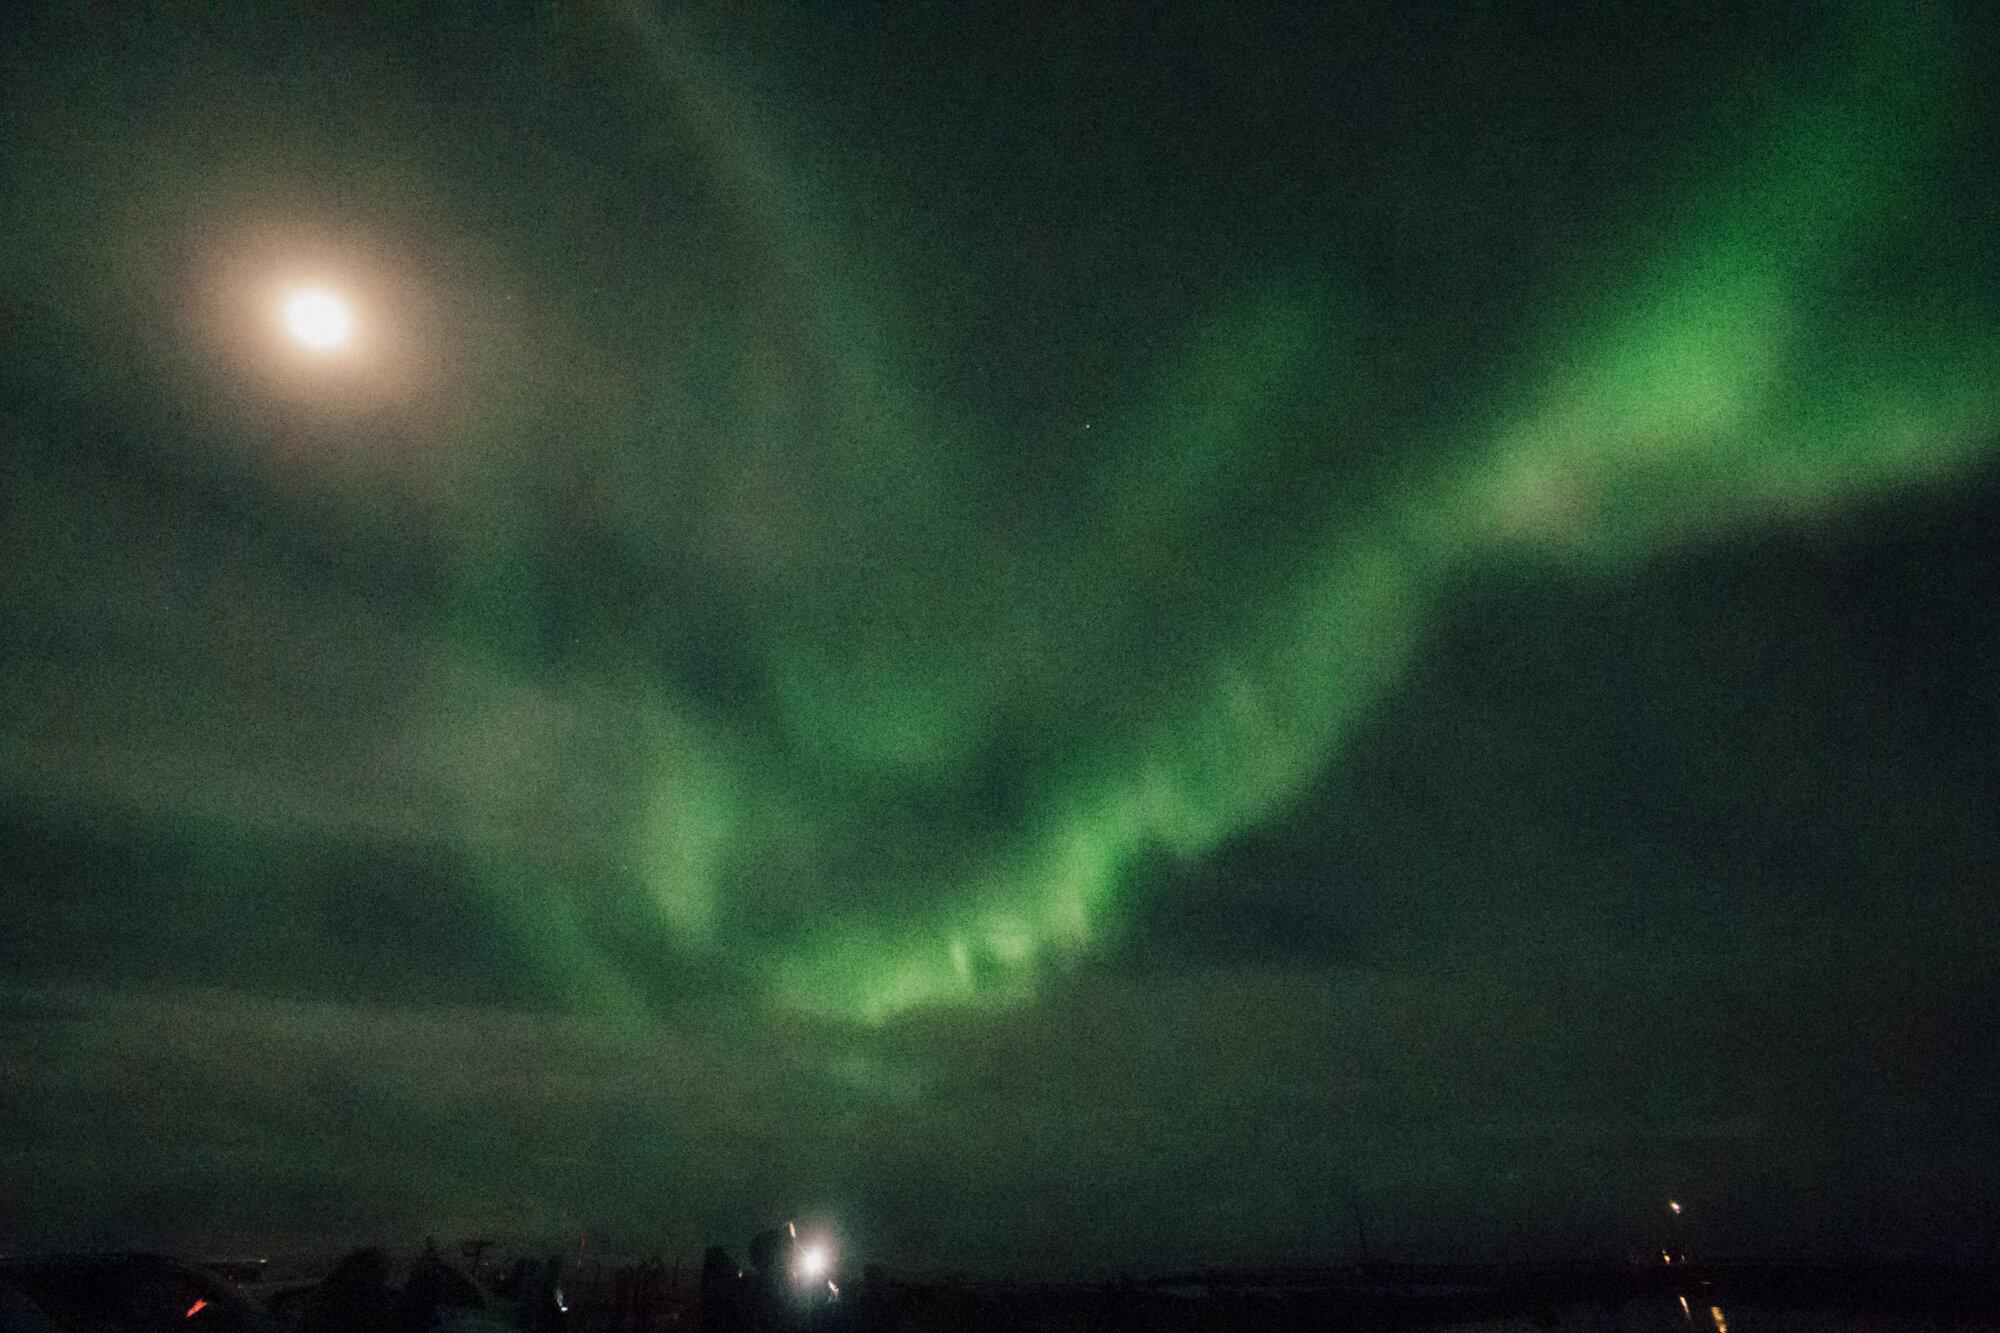 冰岛雷克雅未克夜空中明亮的北极光